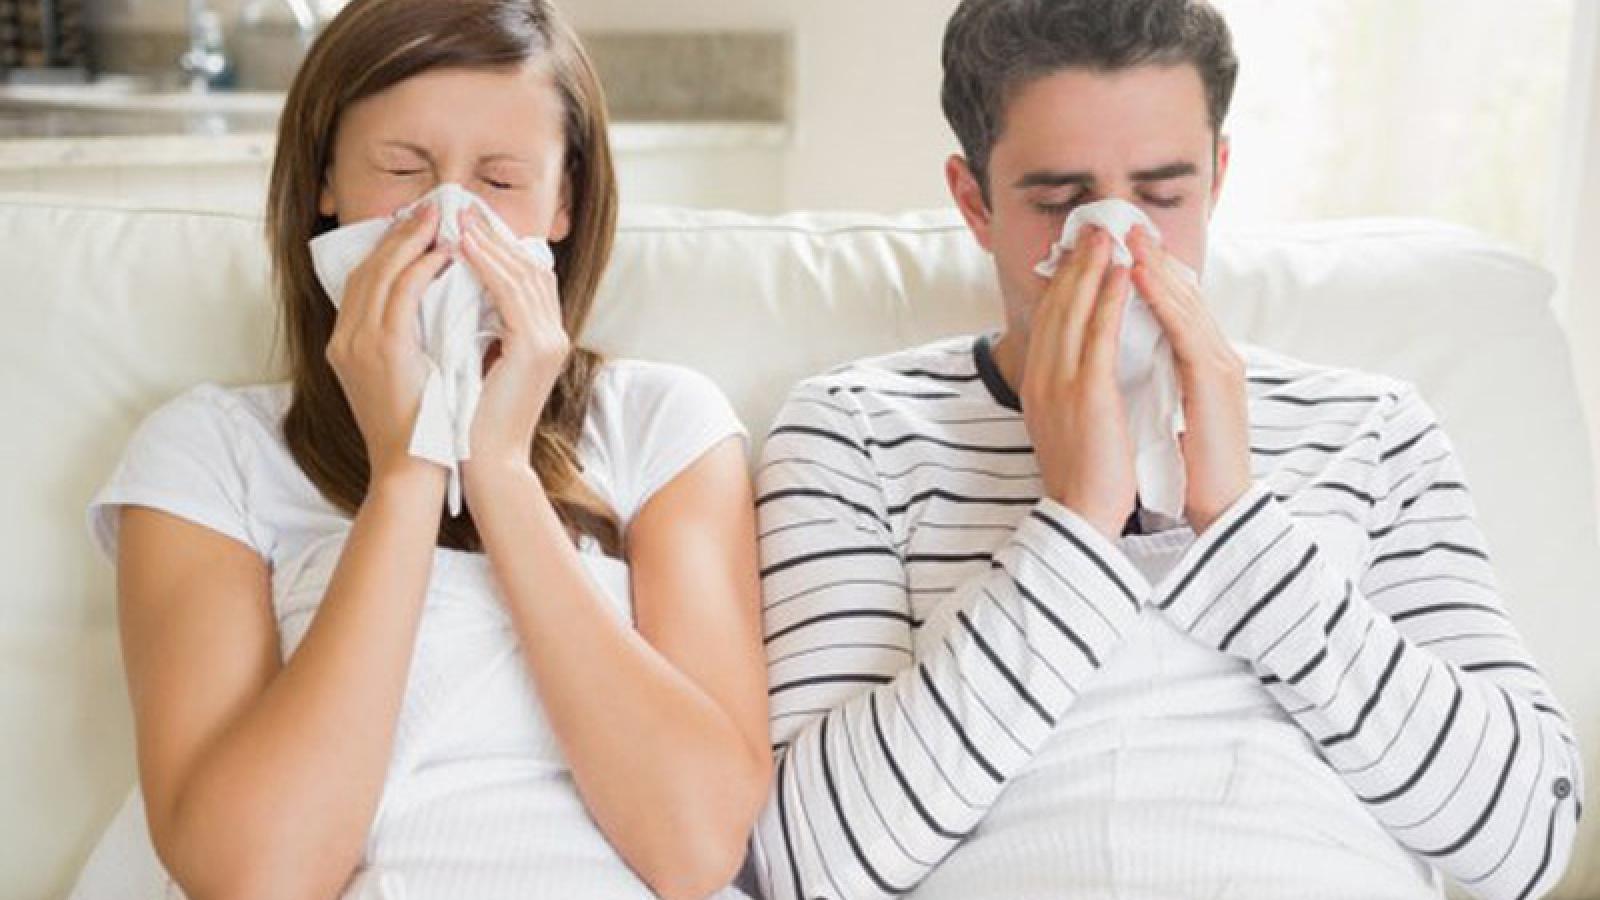 Thực phẩm giúp tăng cường miễn dịch, ngăn ngừa bệnh cúm mùa hiệu quả